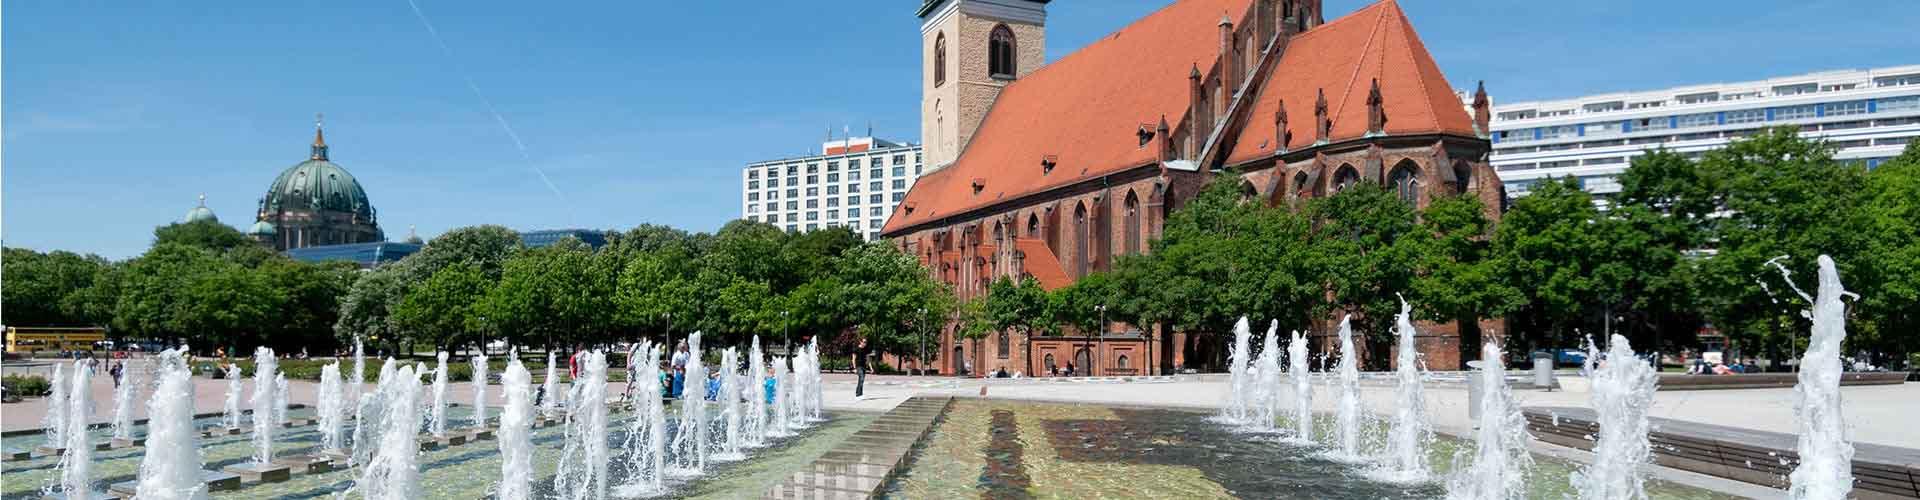 柏林 – 圣母教堂附近的露营地。柏林地图,柏林每个露营地的照片和评价。